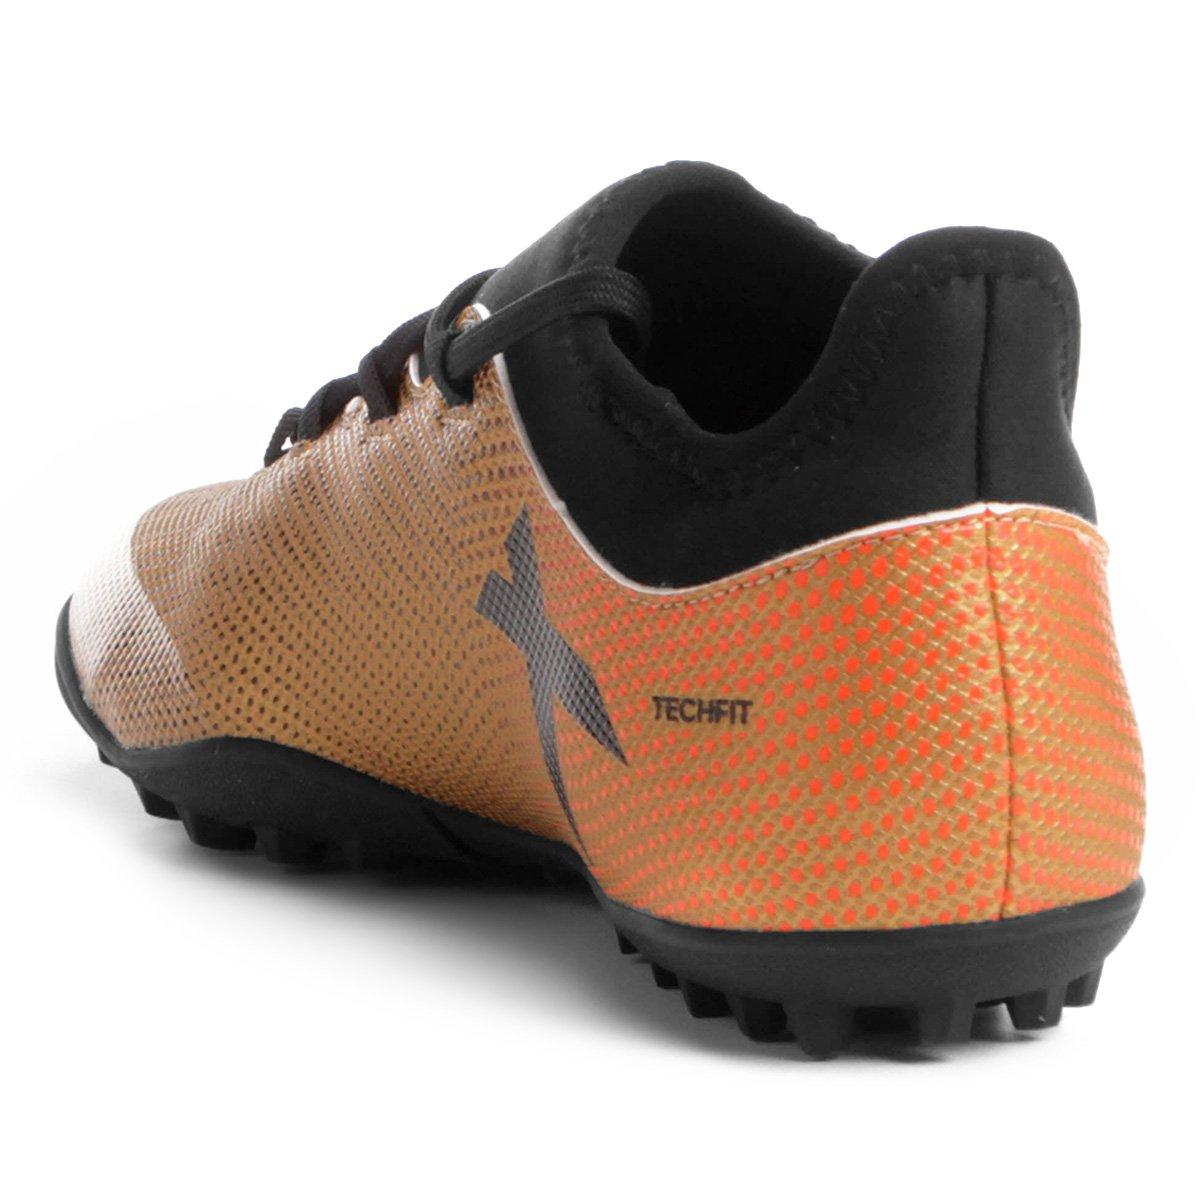 Chuteira Society Adidas X 17 3 TF - Dourado - Compre Agora  339e78e247c7c